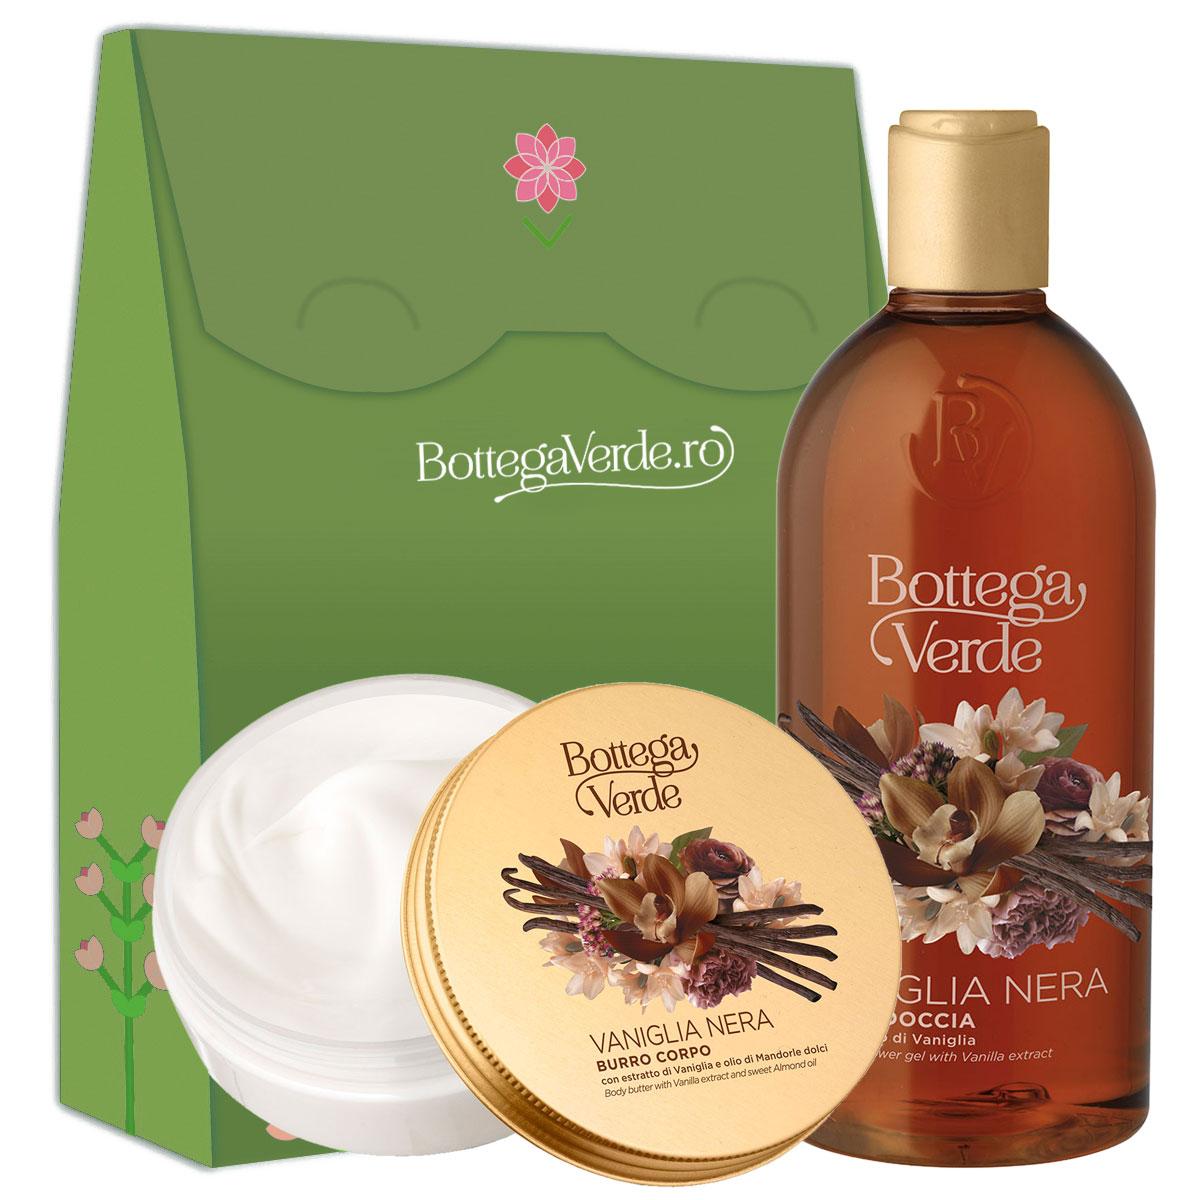 Set cadou femei ingrijire corp cu extract de vanilie neagra si ulei de migdale dulci imagine